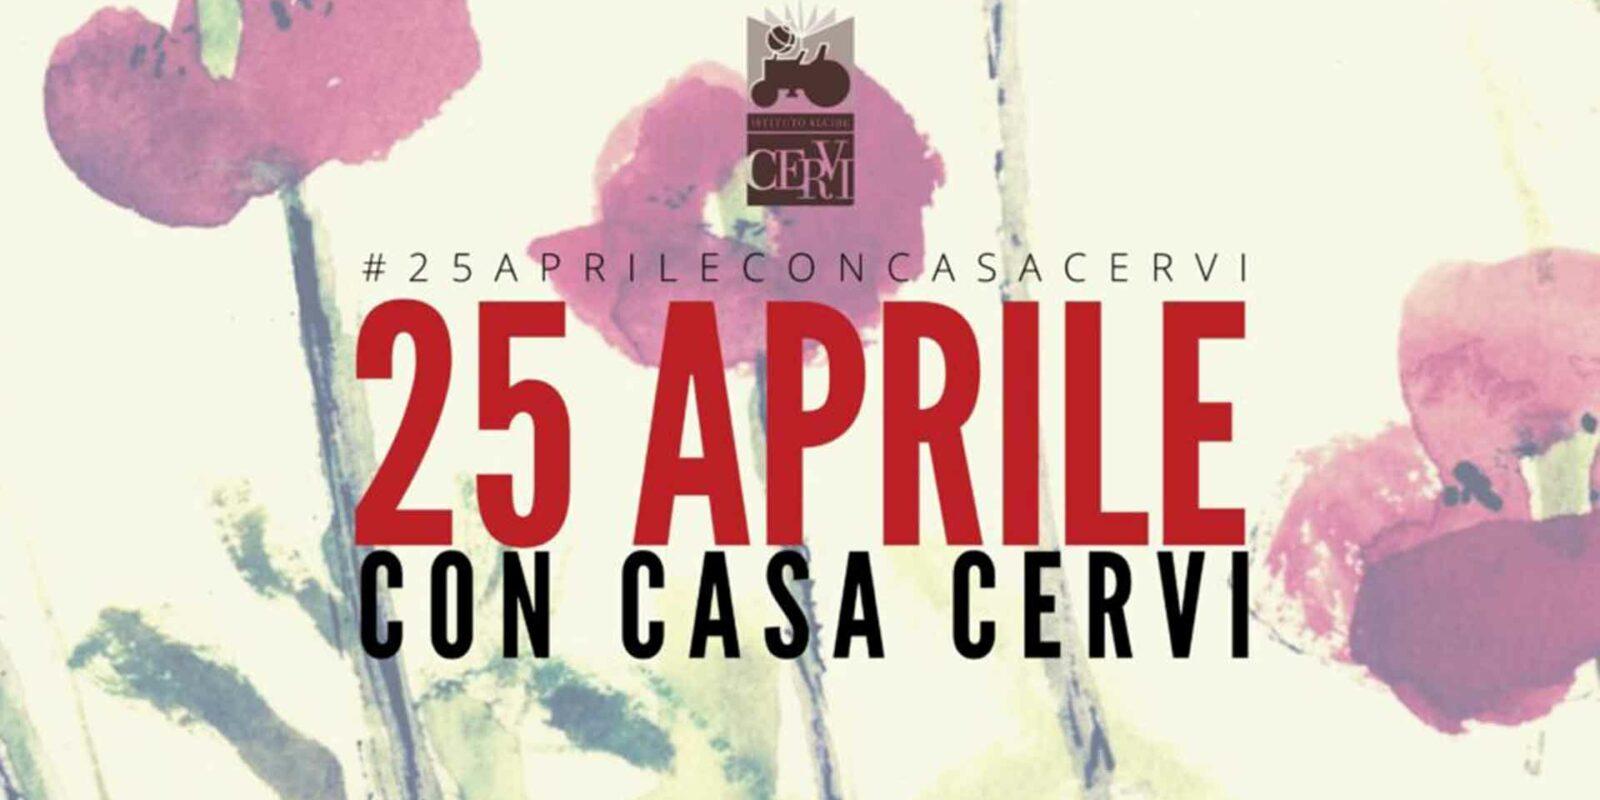 25 aprile con Casa Cervi